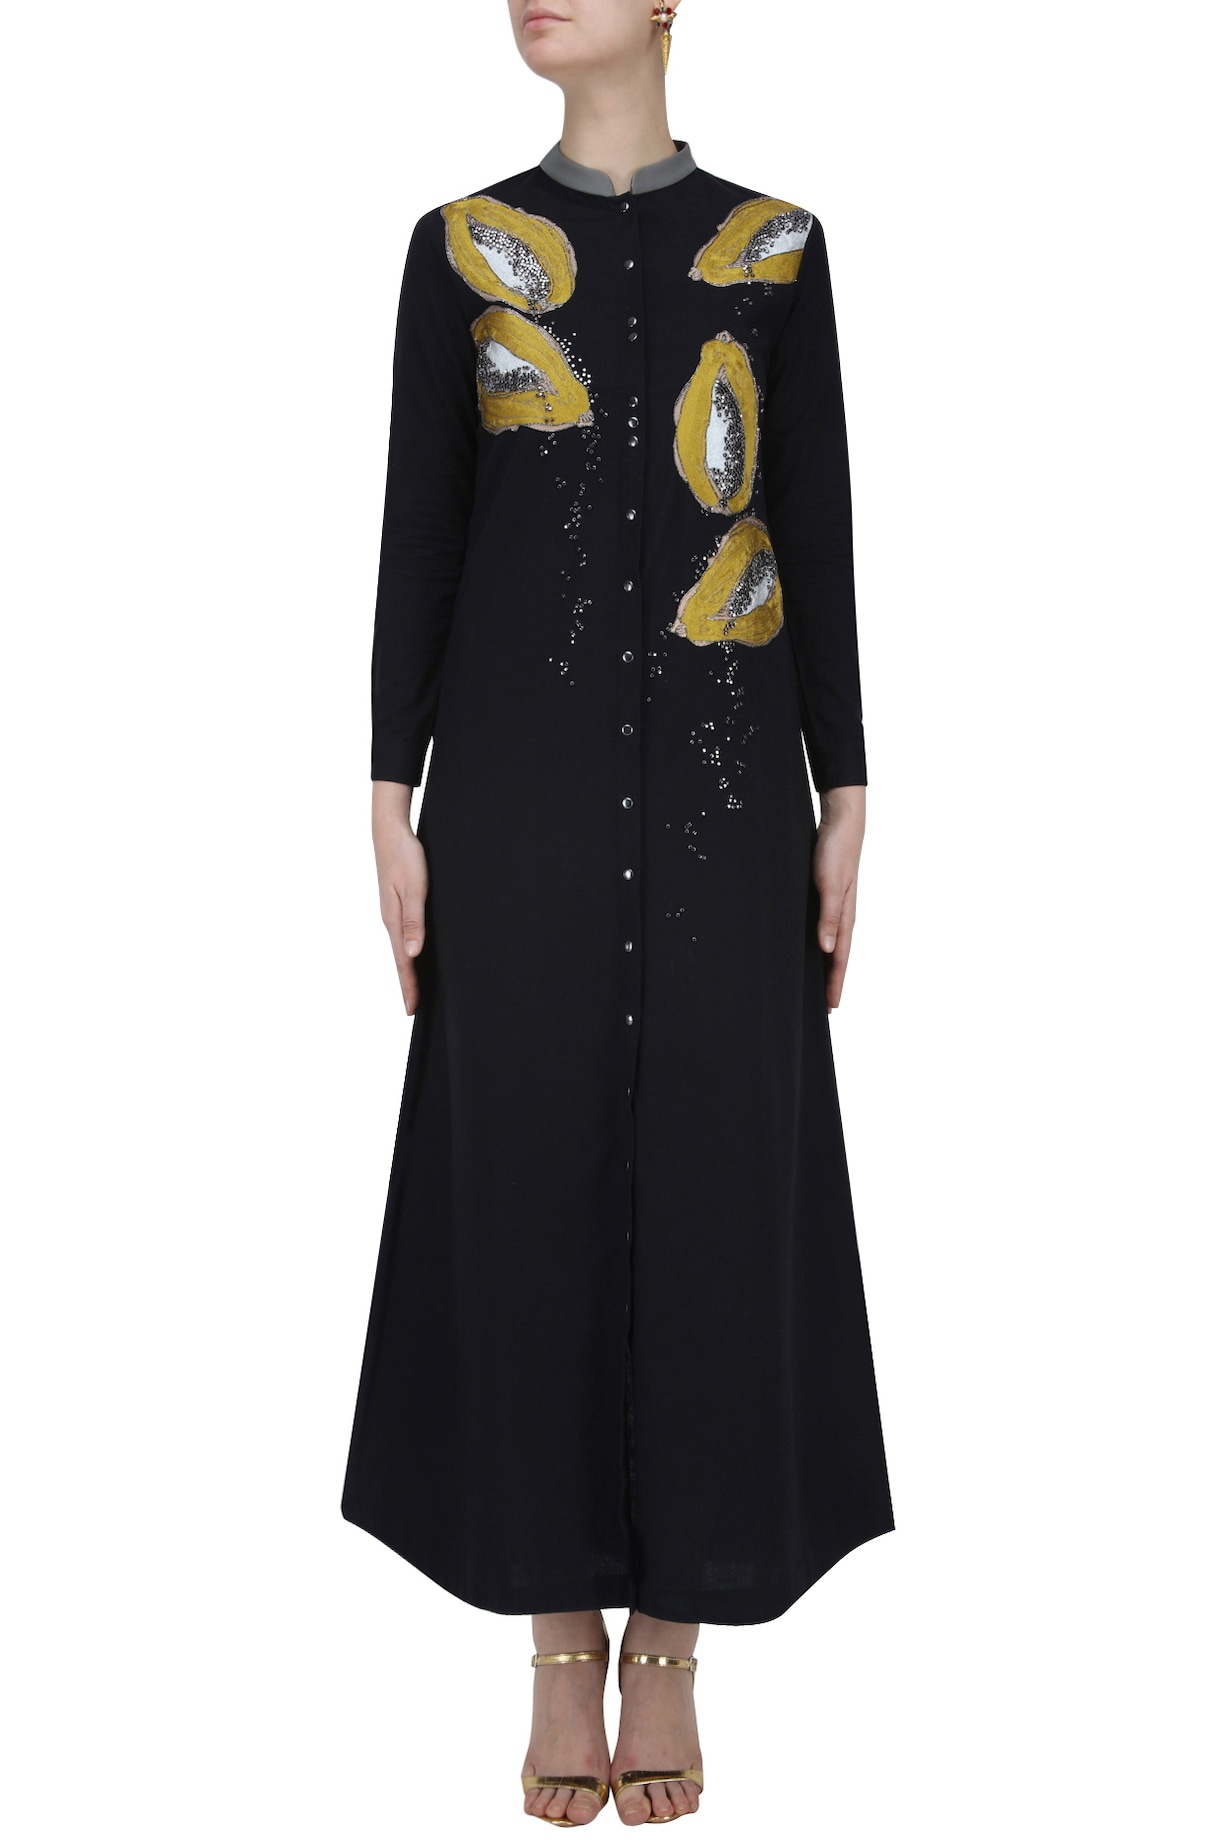 Shahin Mannan Dresses